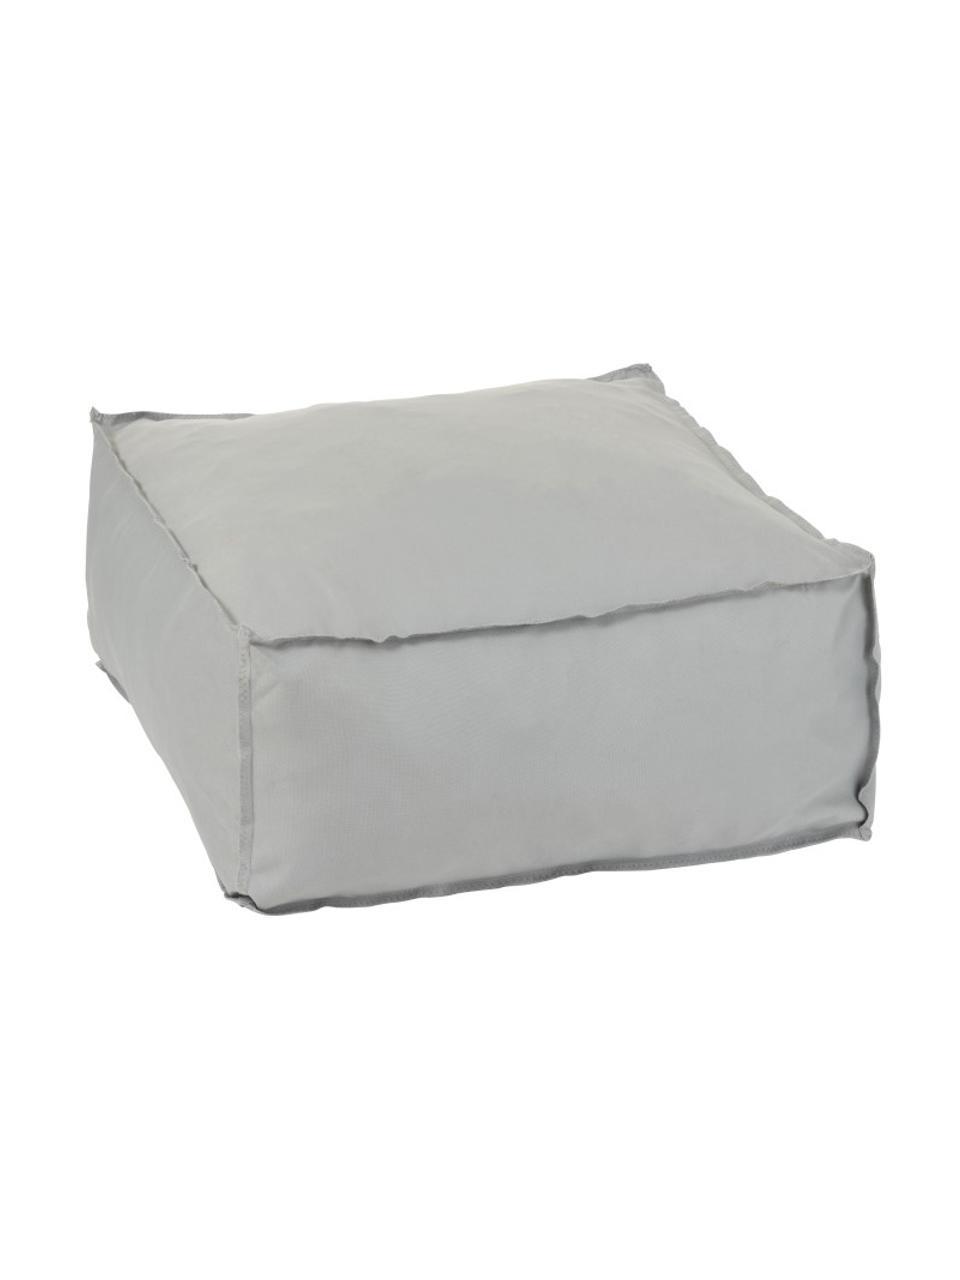 Pouf Square, Bezug: 100% Polyester, Grau, 60 x 28 cm